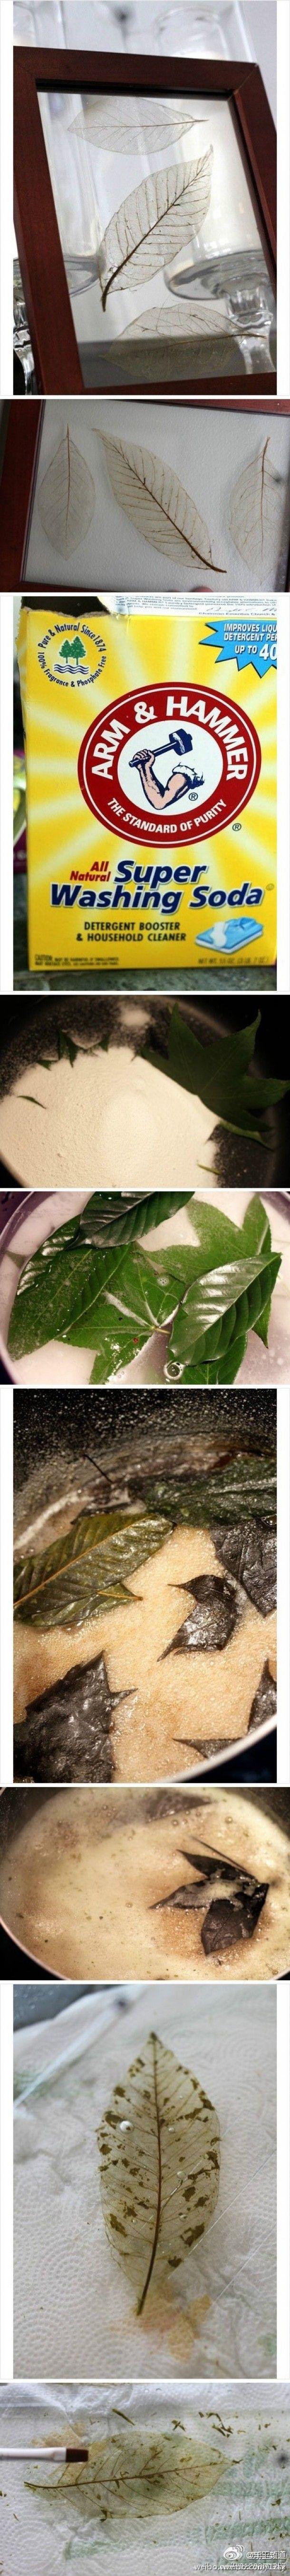 Hebben! | Decoratieblaadjes zelf maken van echte bladeren Door konnie